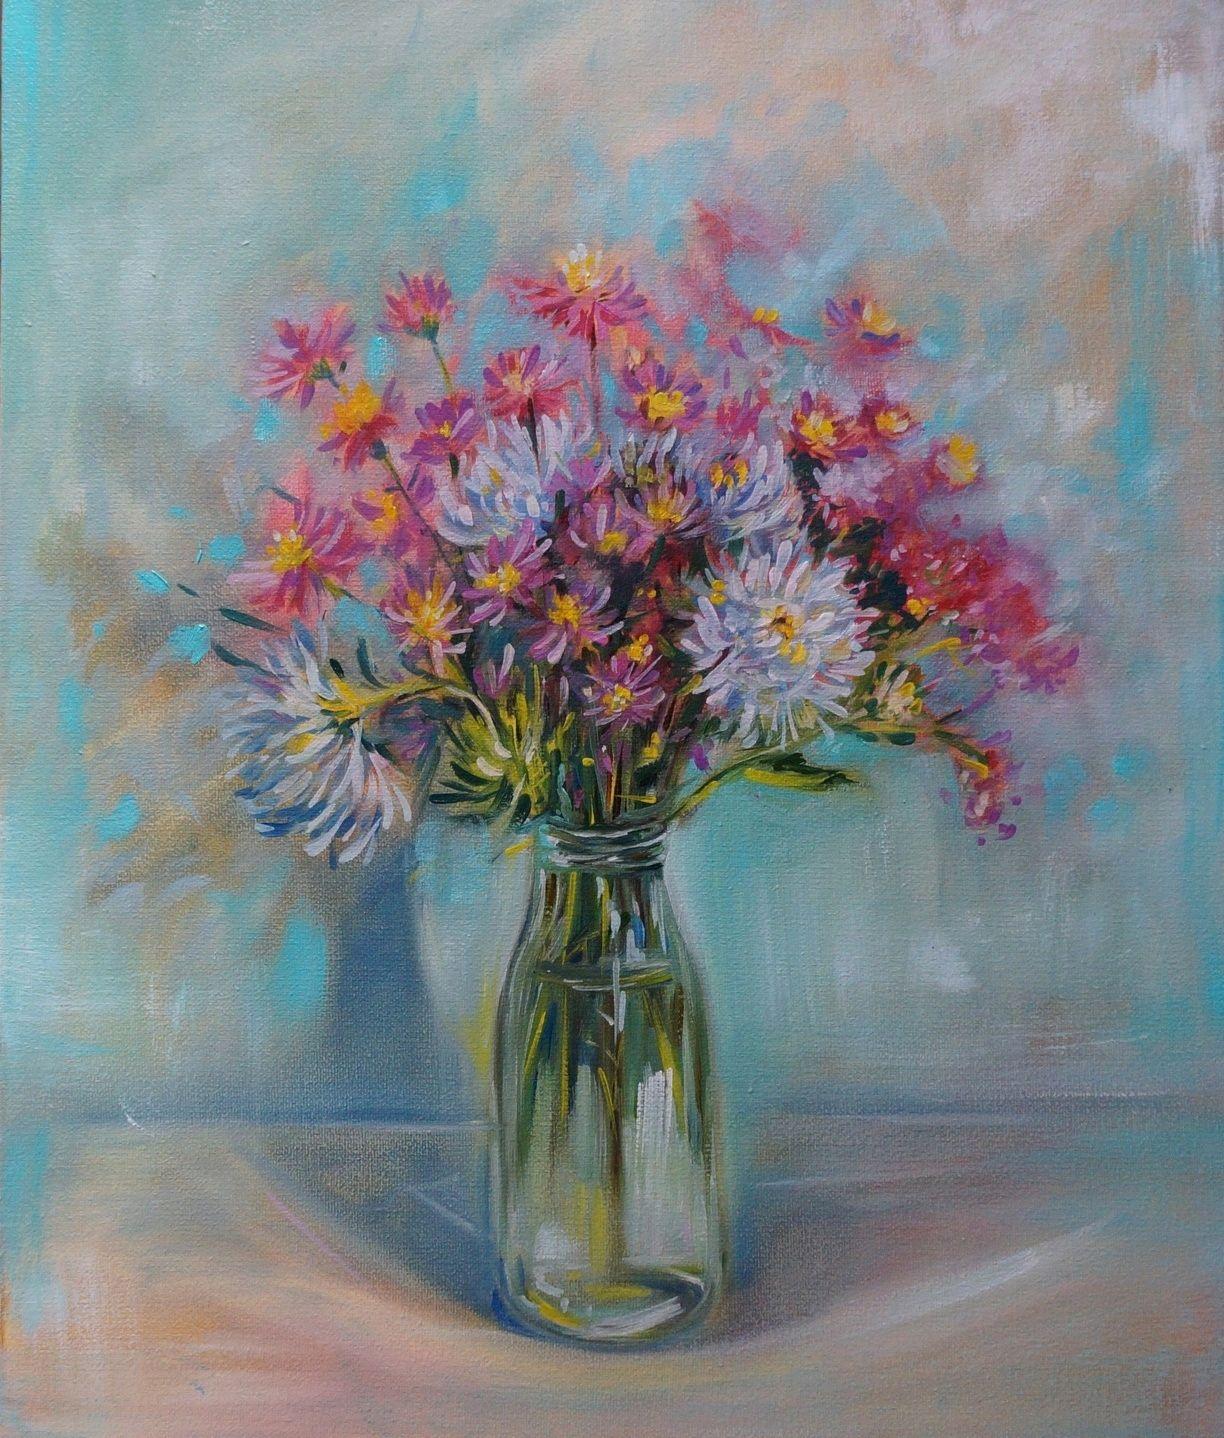 Картина с цветами «Нежный букет», Картины, Кемерово,  Фото №1